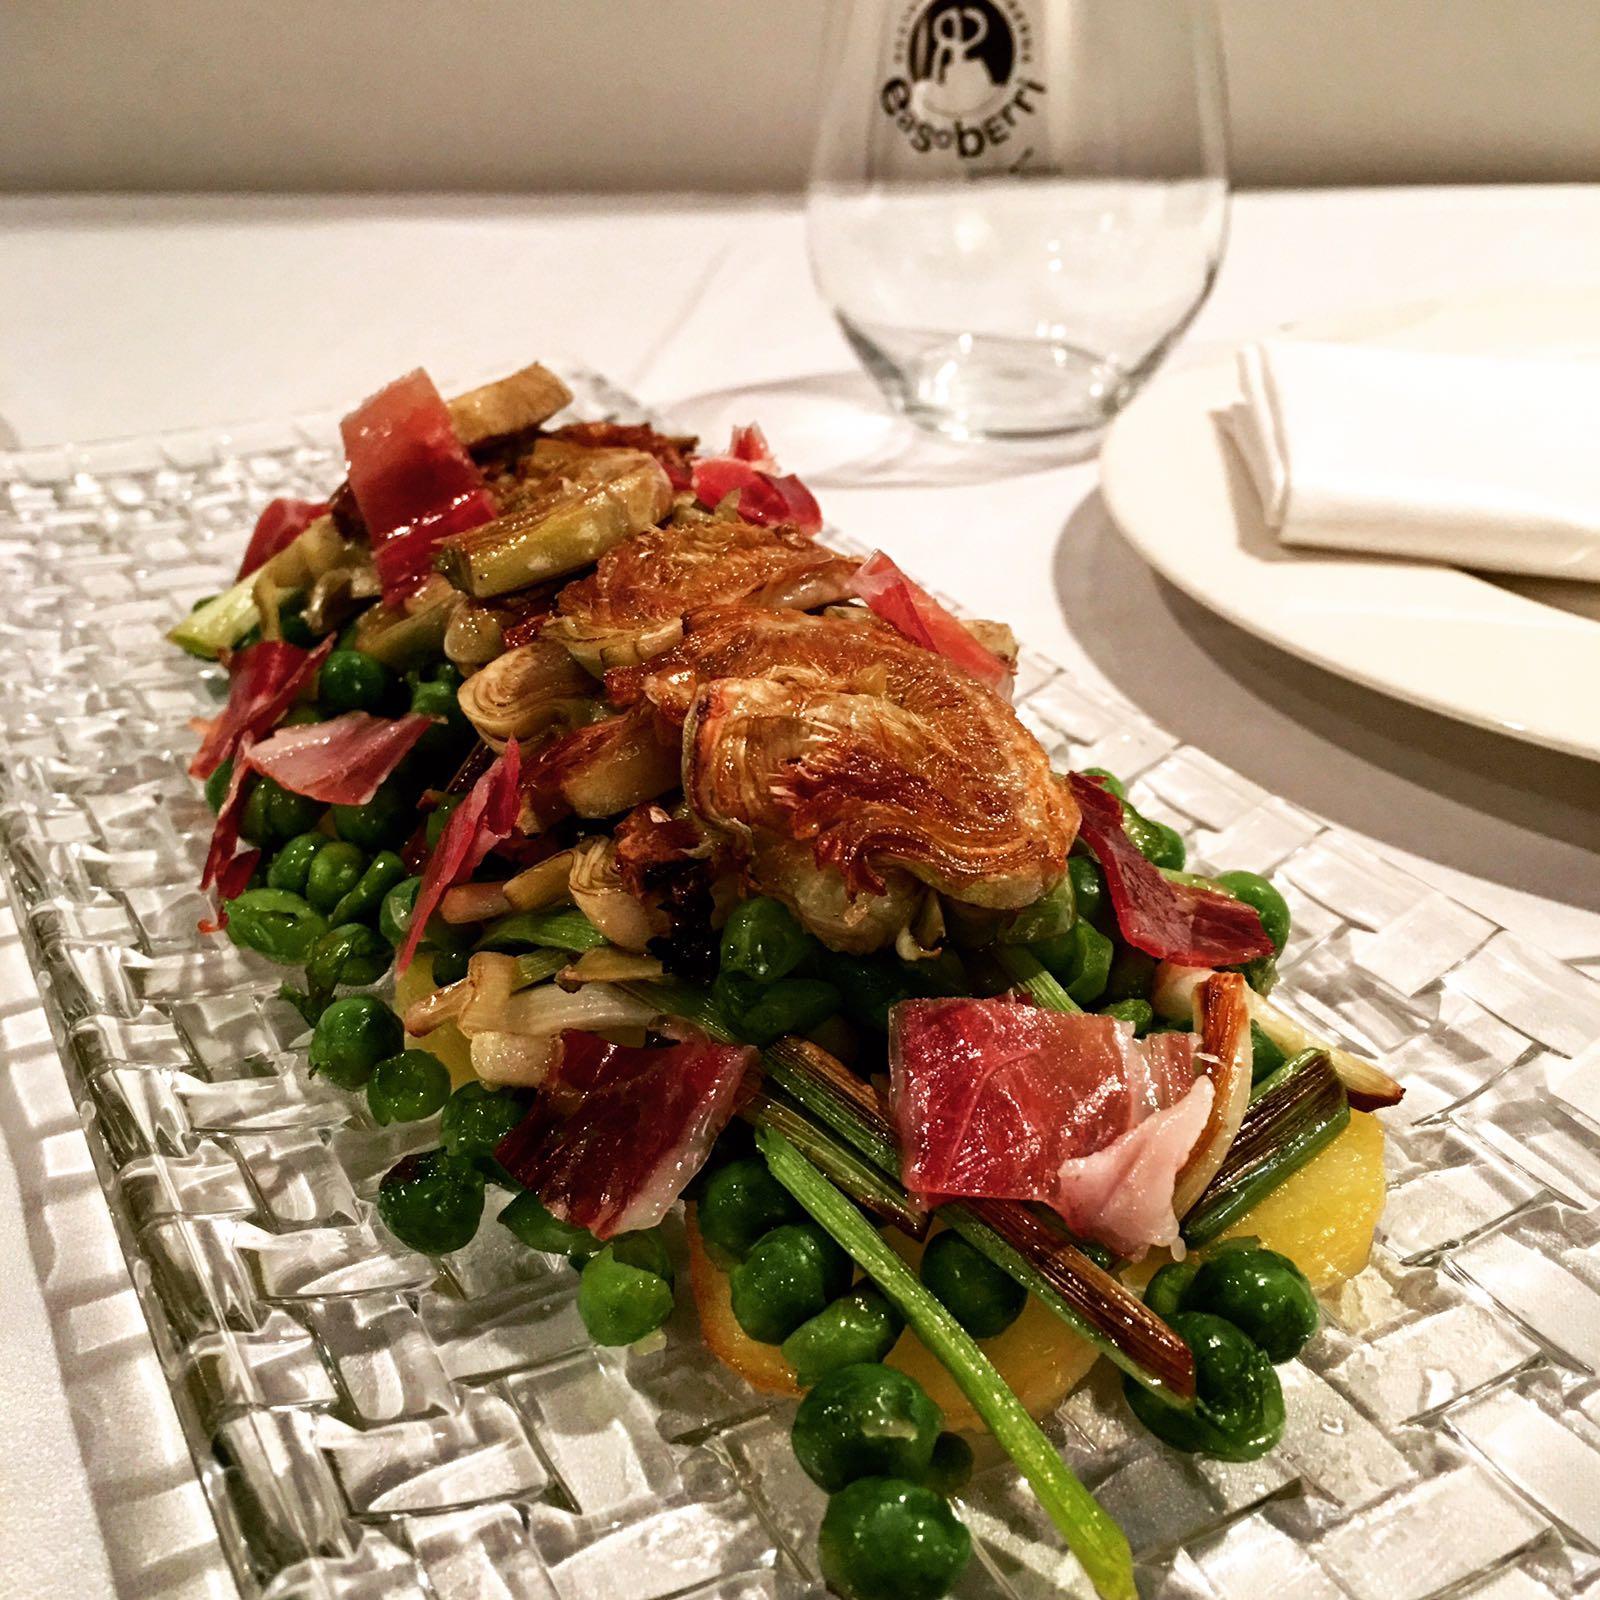 Ensalada templada de verduras de temporada con jamón ibérico.